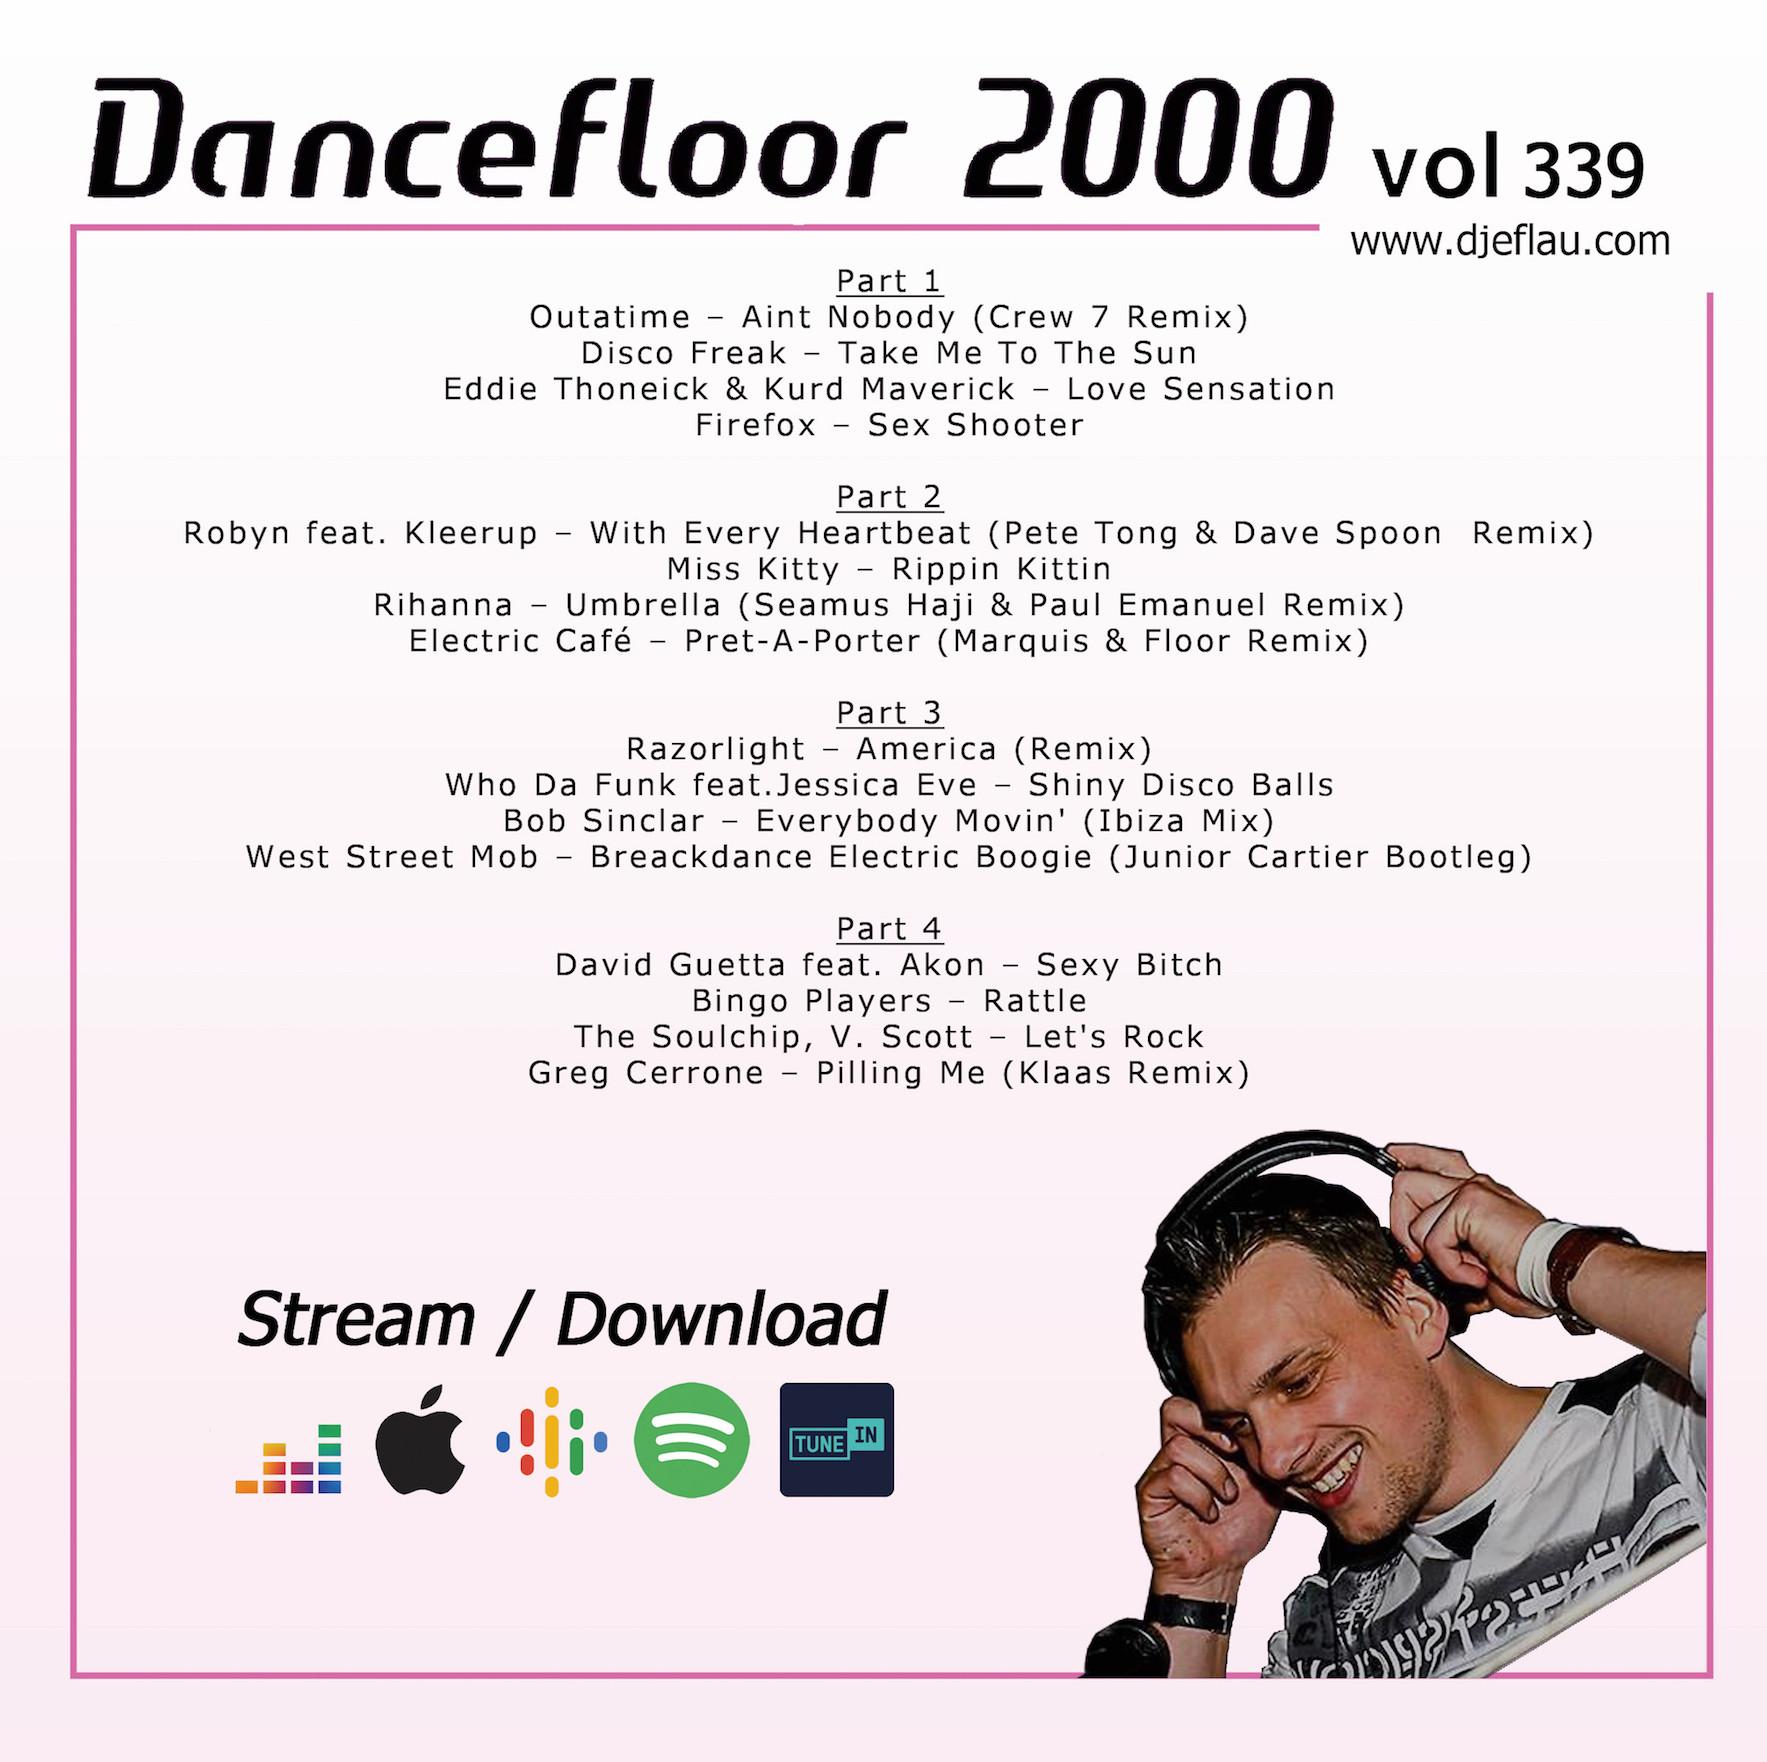 DANCEFLOOR 2000 vol 339